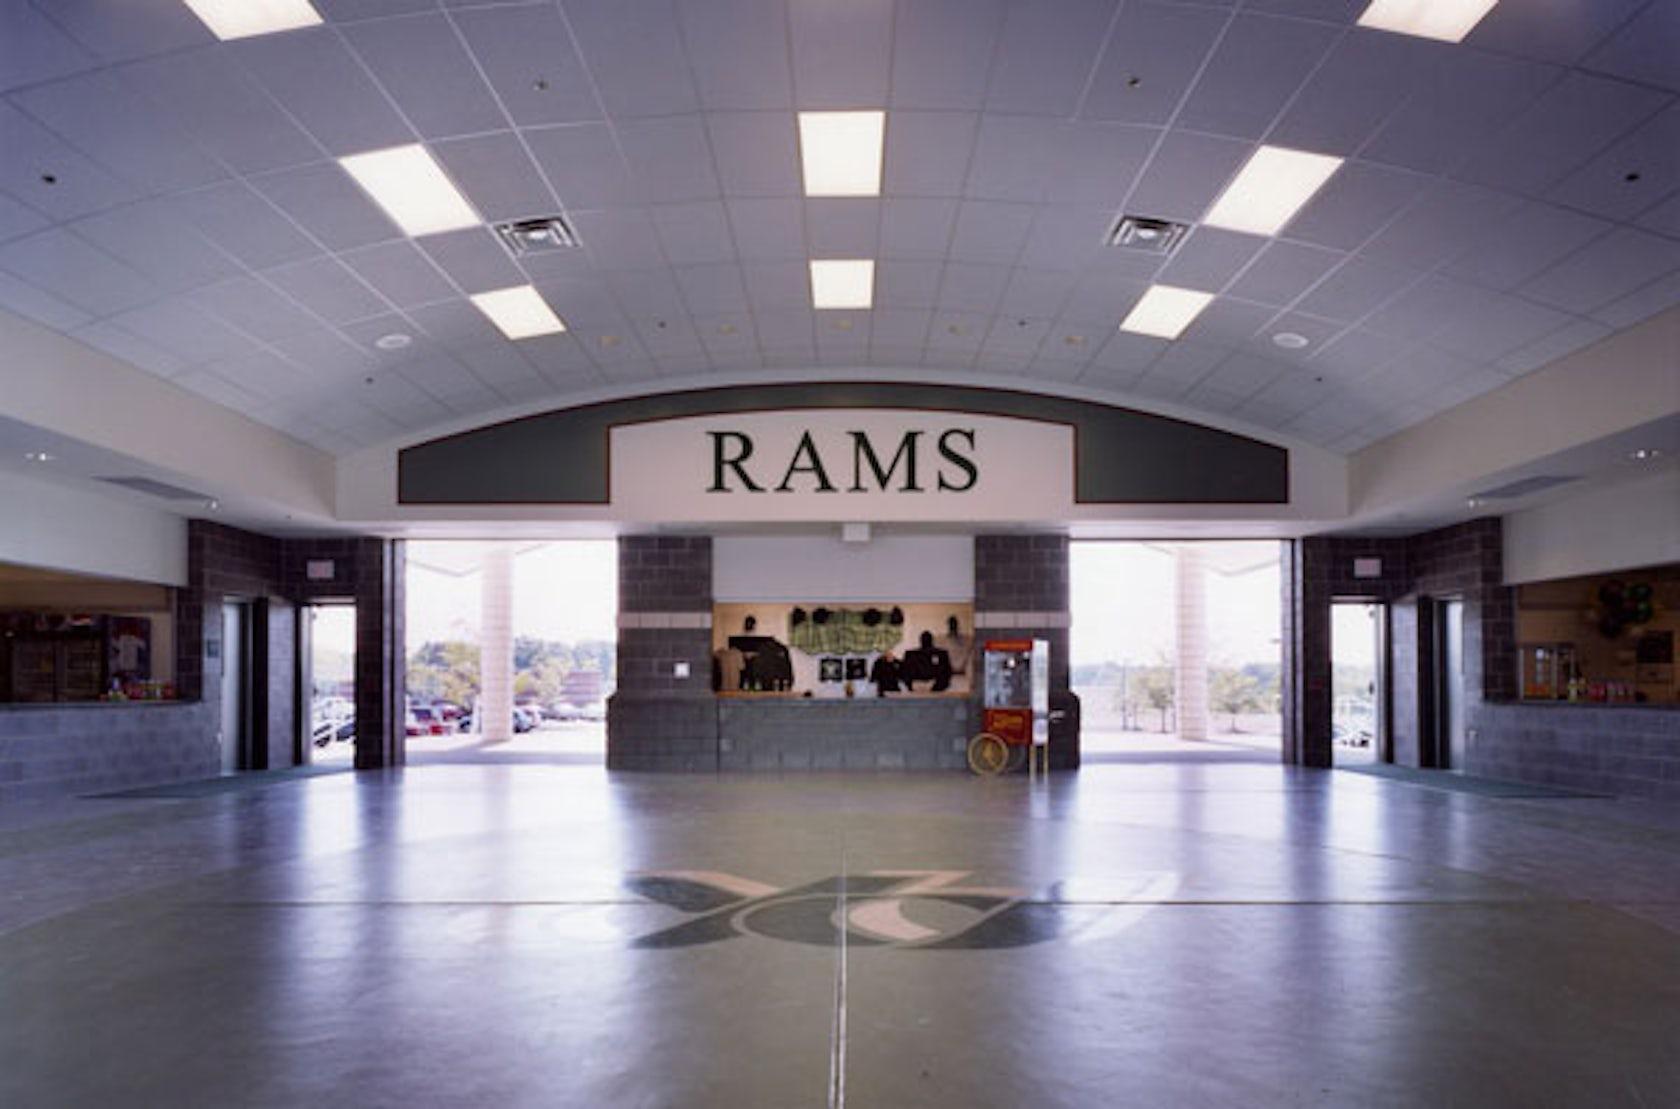 Grove City Area Middle School